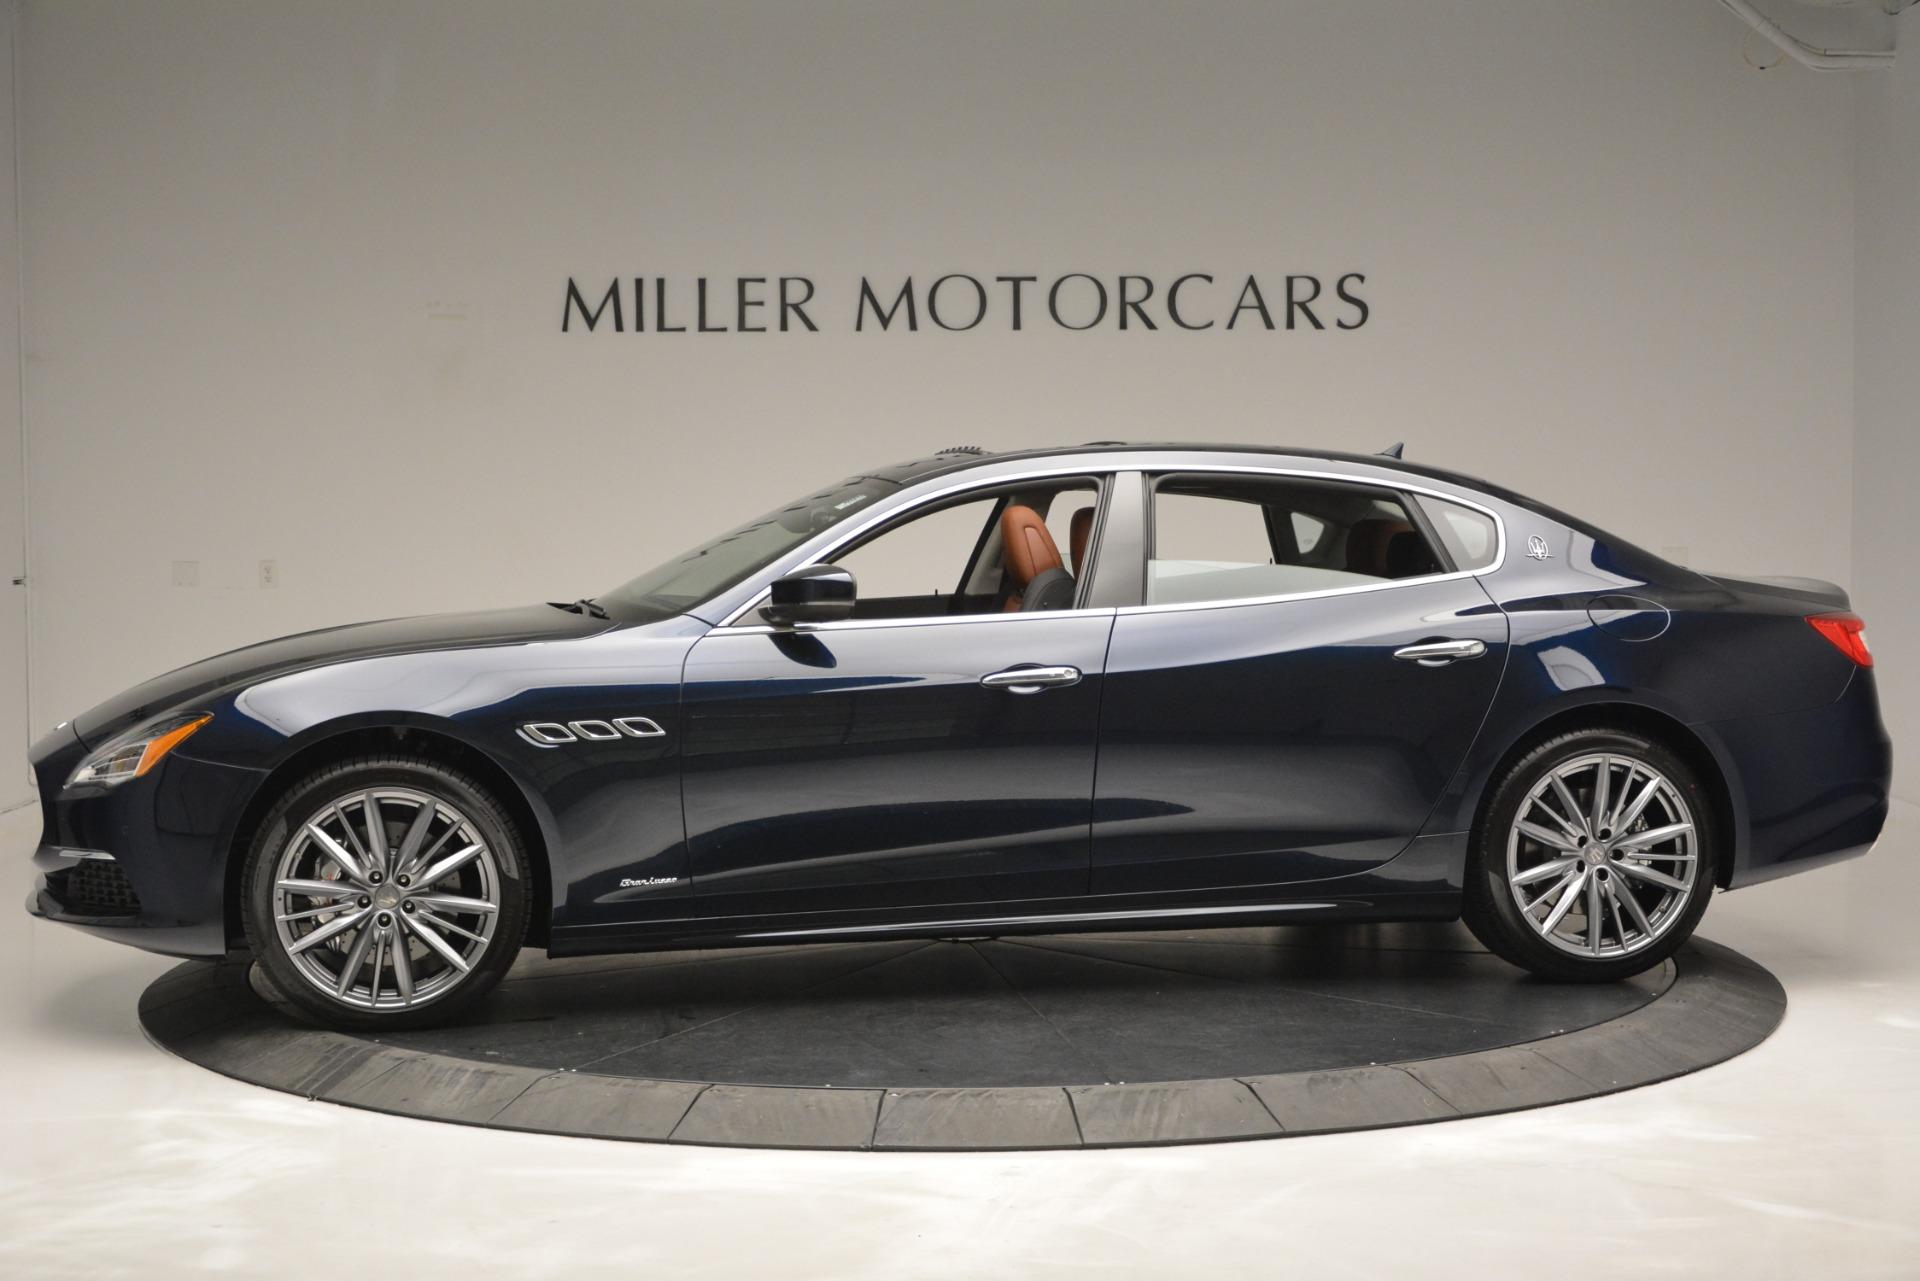 New 2019 Maserati Quattroporte S Q4 GranLusso Edizione Nobile For Sale In Greenwich, CT. Alfa Romeo of Greenwich, M2257 2898_p4